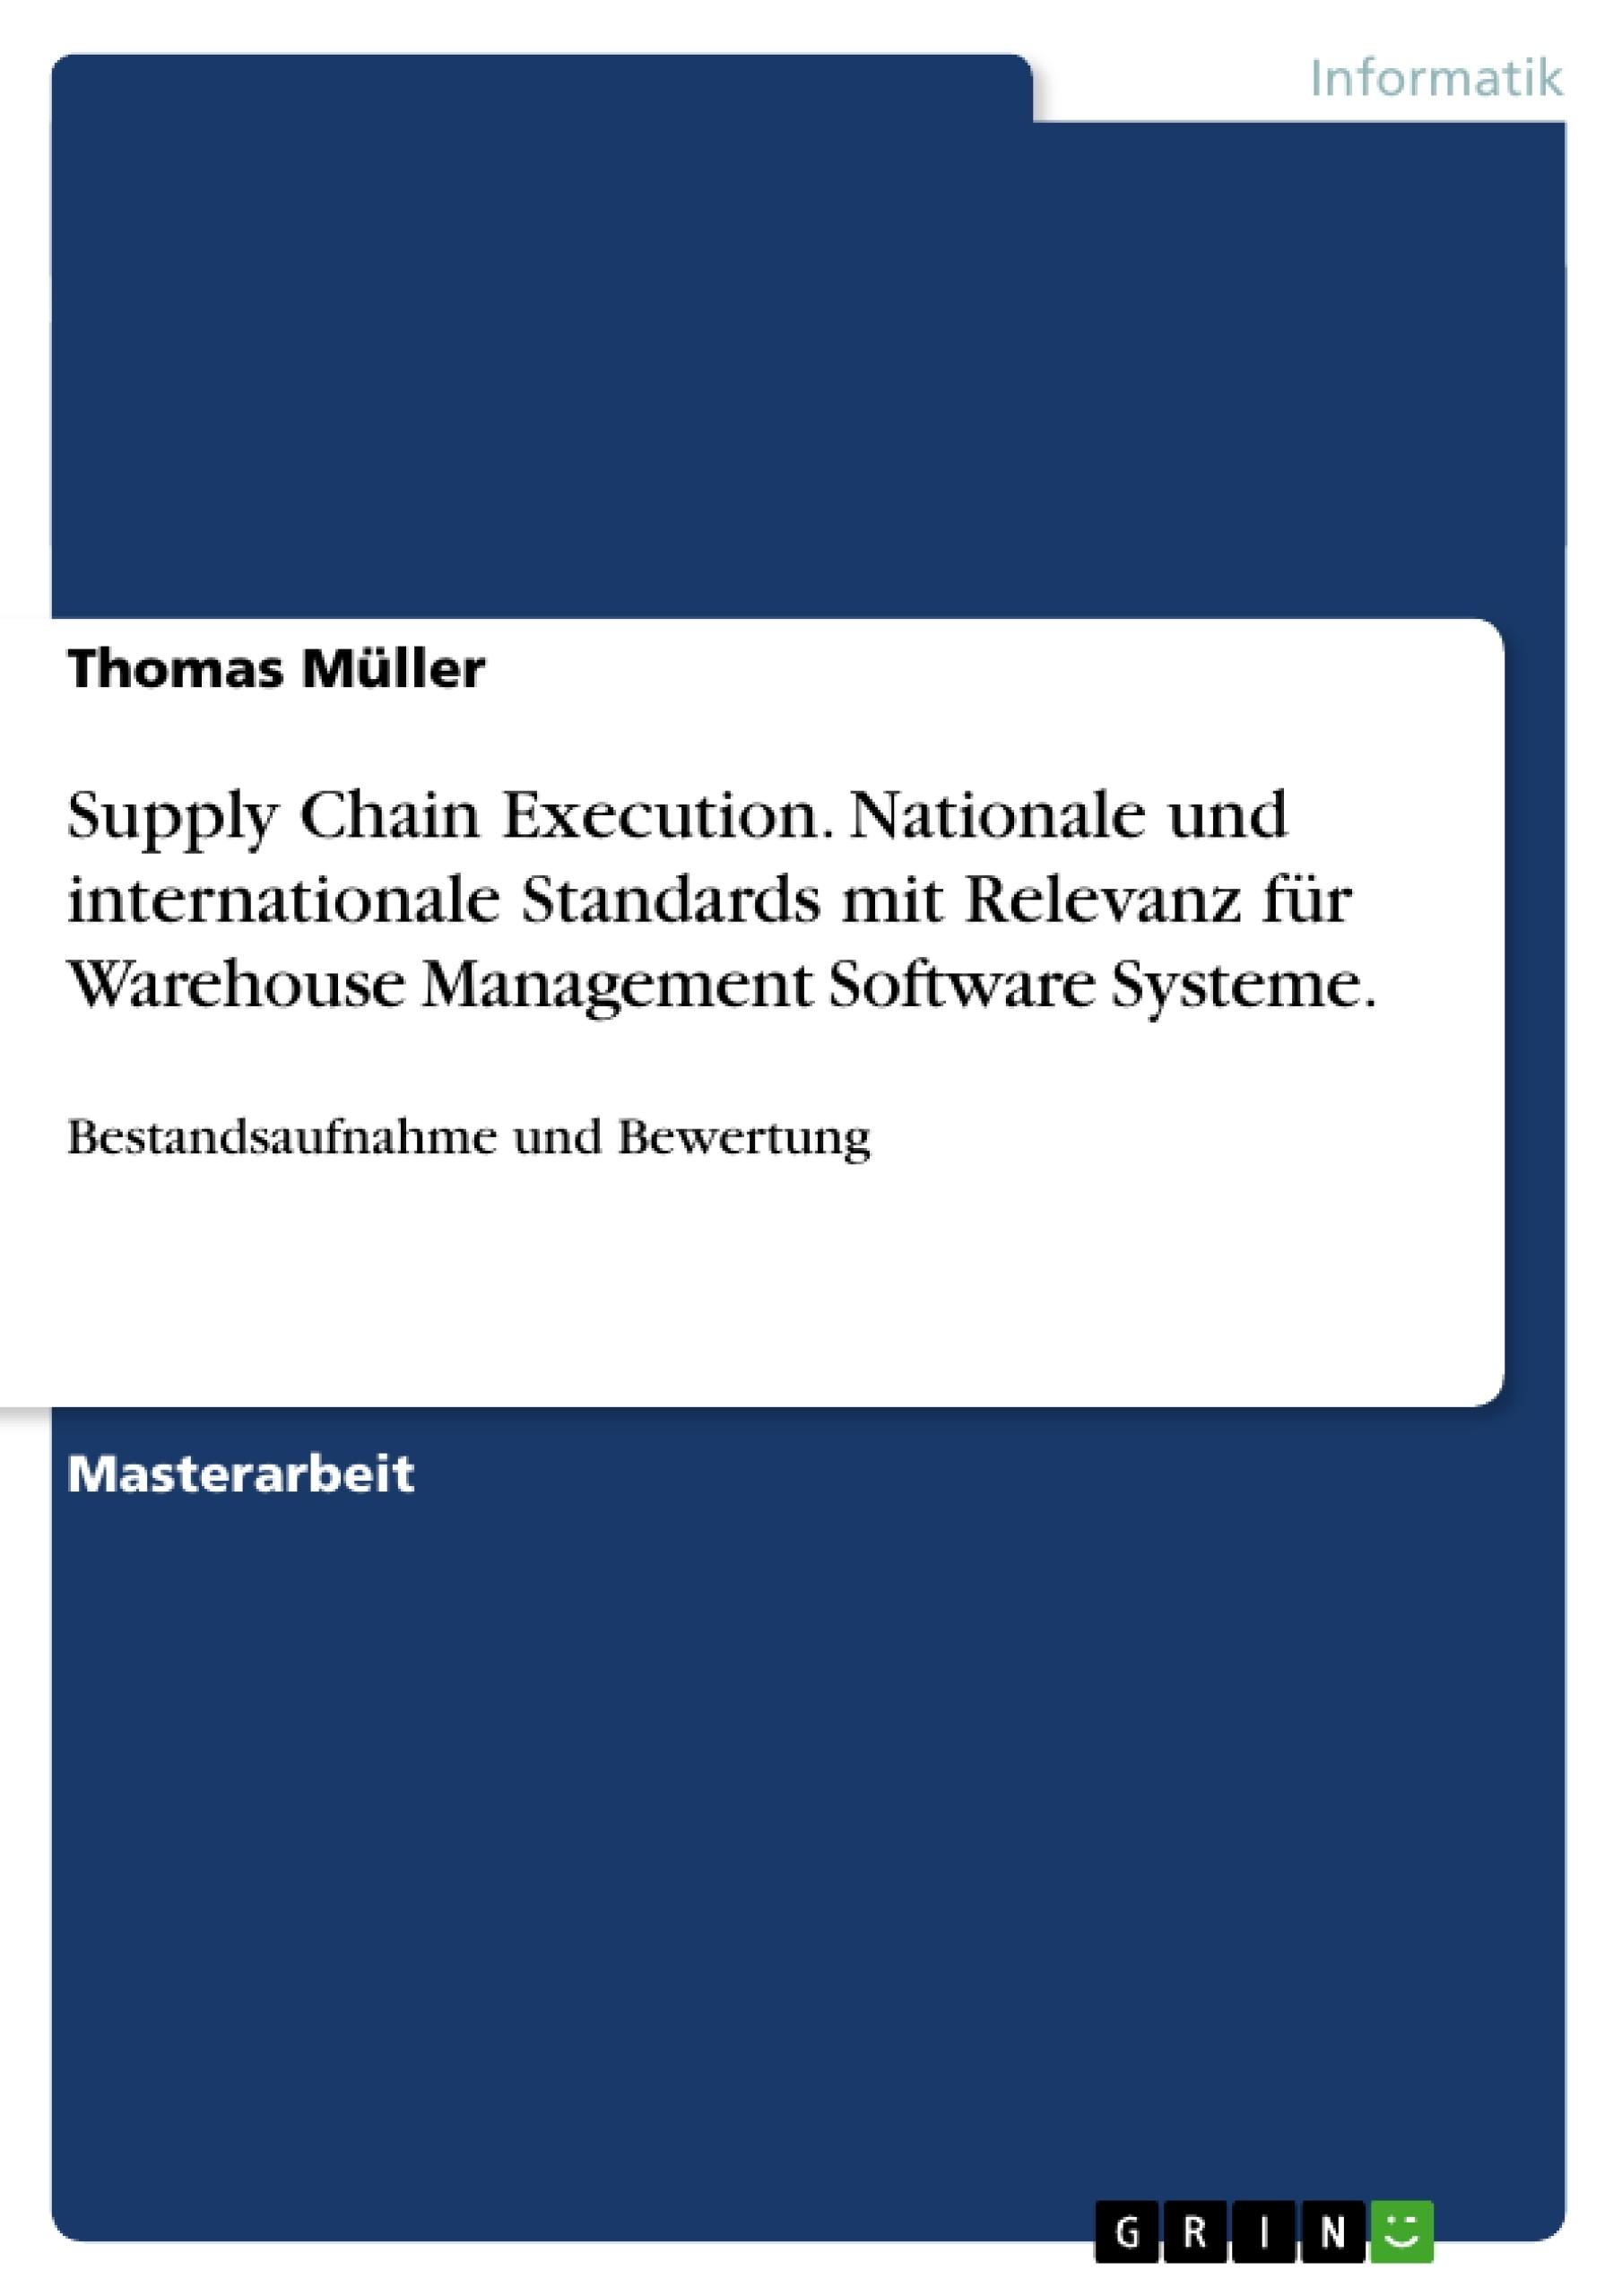 Titel: Supply Chain Execution. Nationale und internationale Standards mit Relevanz für Warehouse Management Software Systeme.